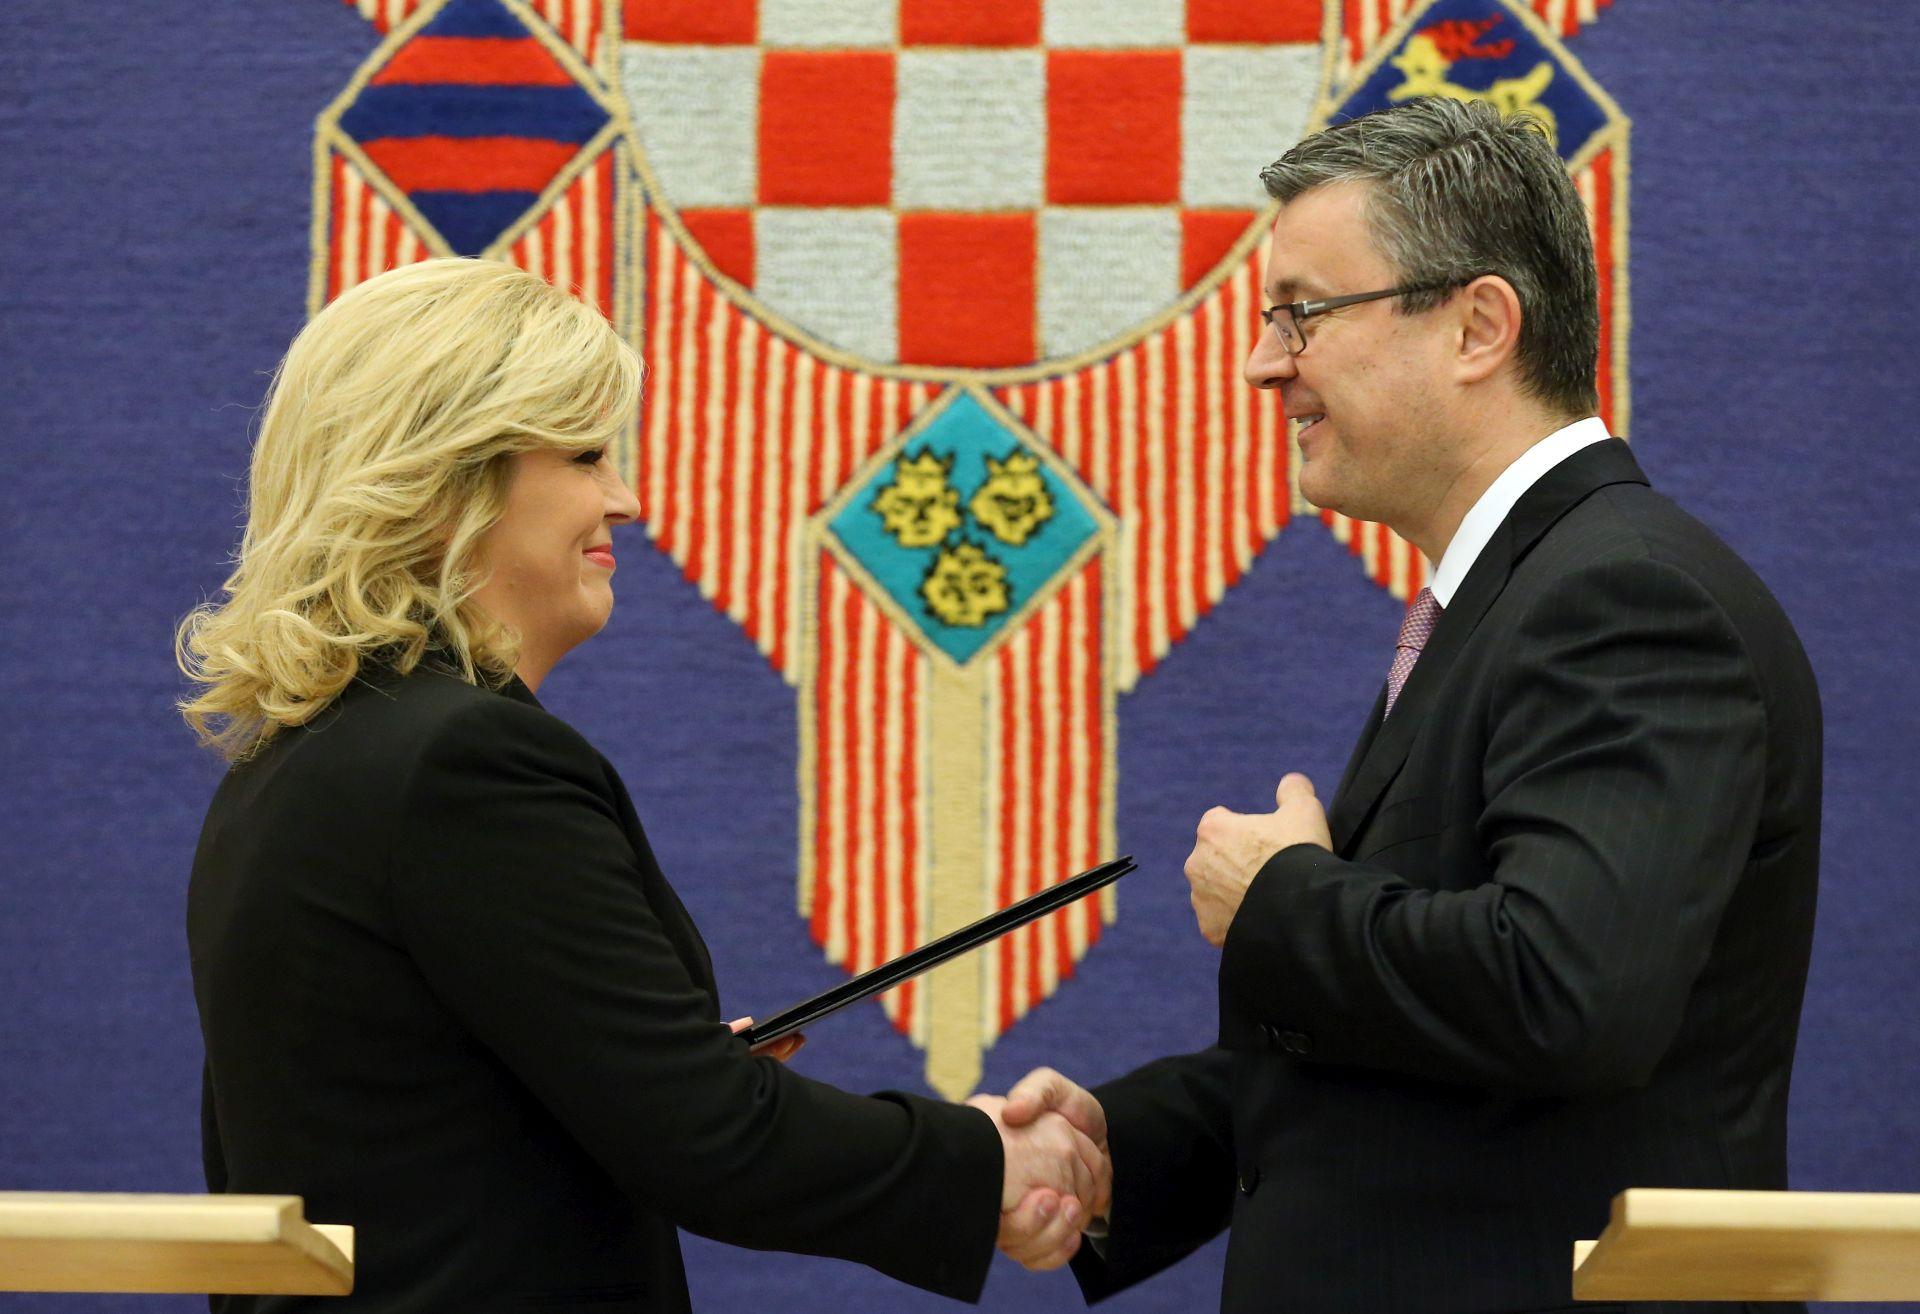 ZADOVOLJNI NOVIM MANDATAROM: Poduzetnici o Tihomiru Oreškoviću